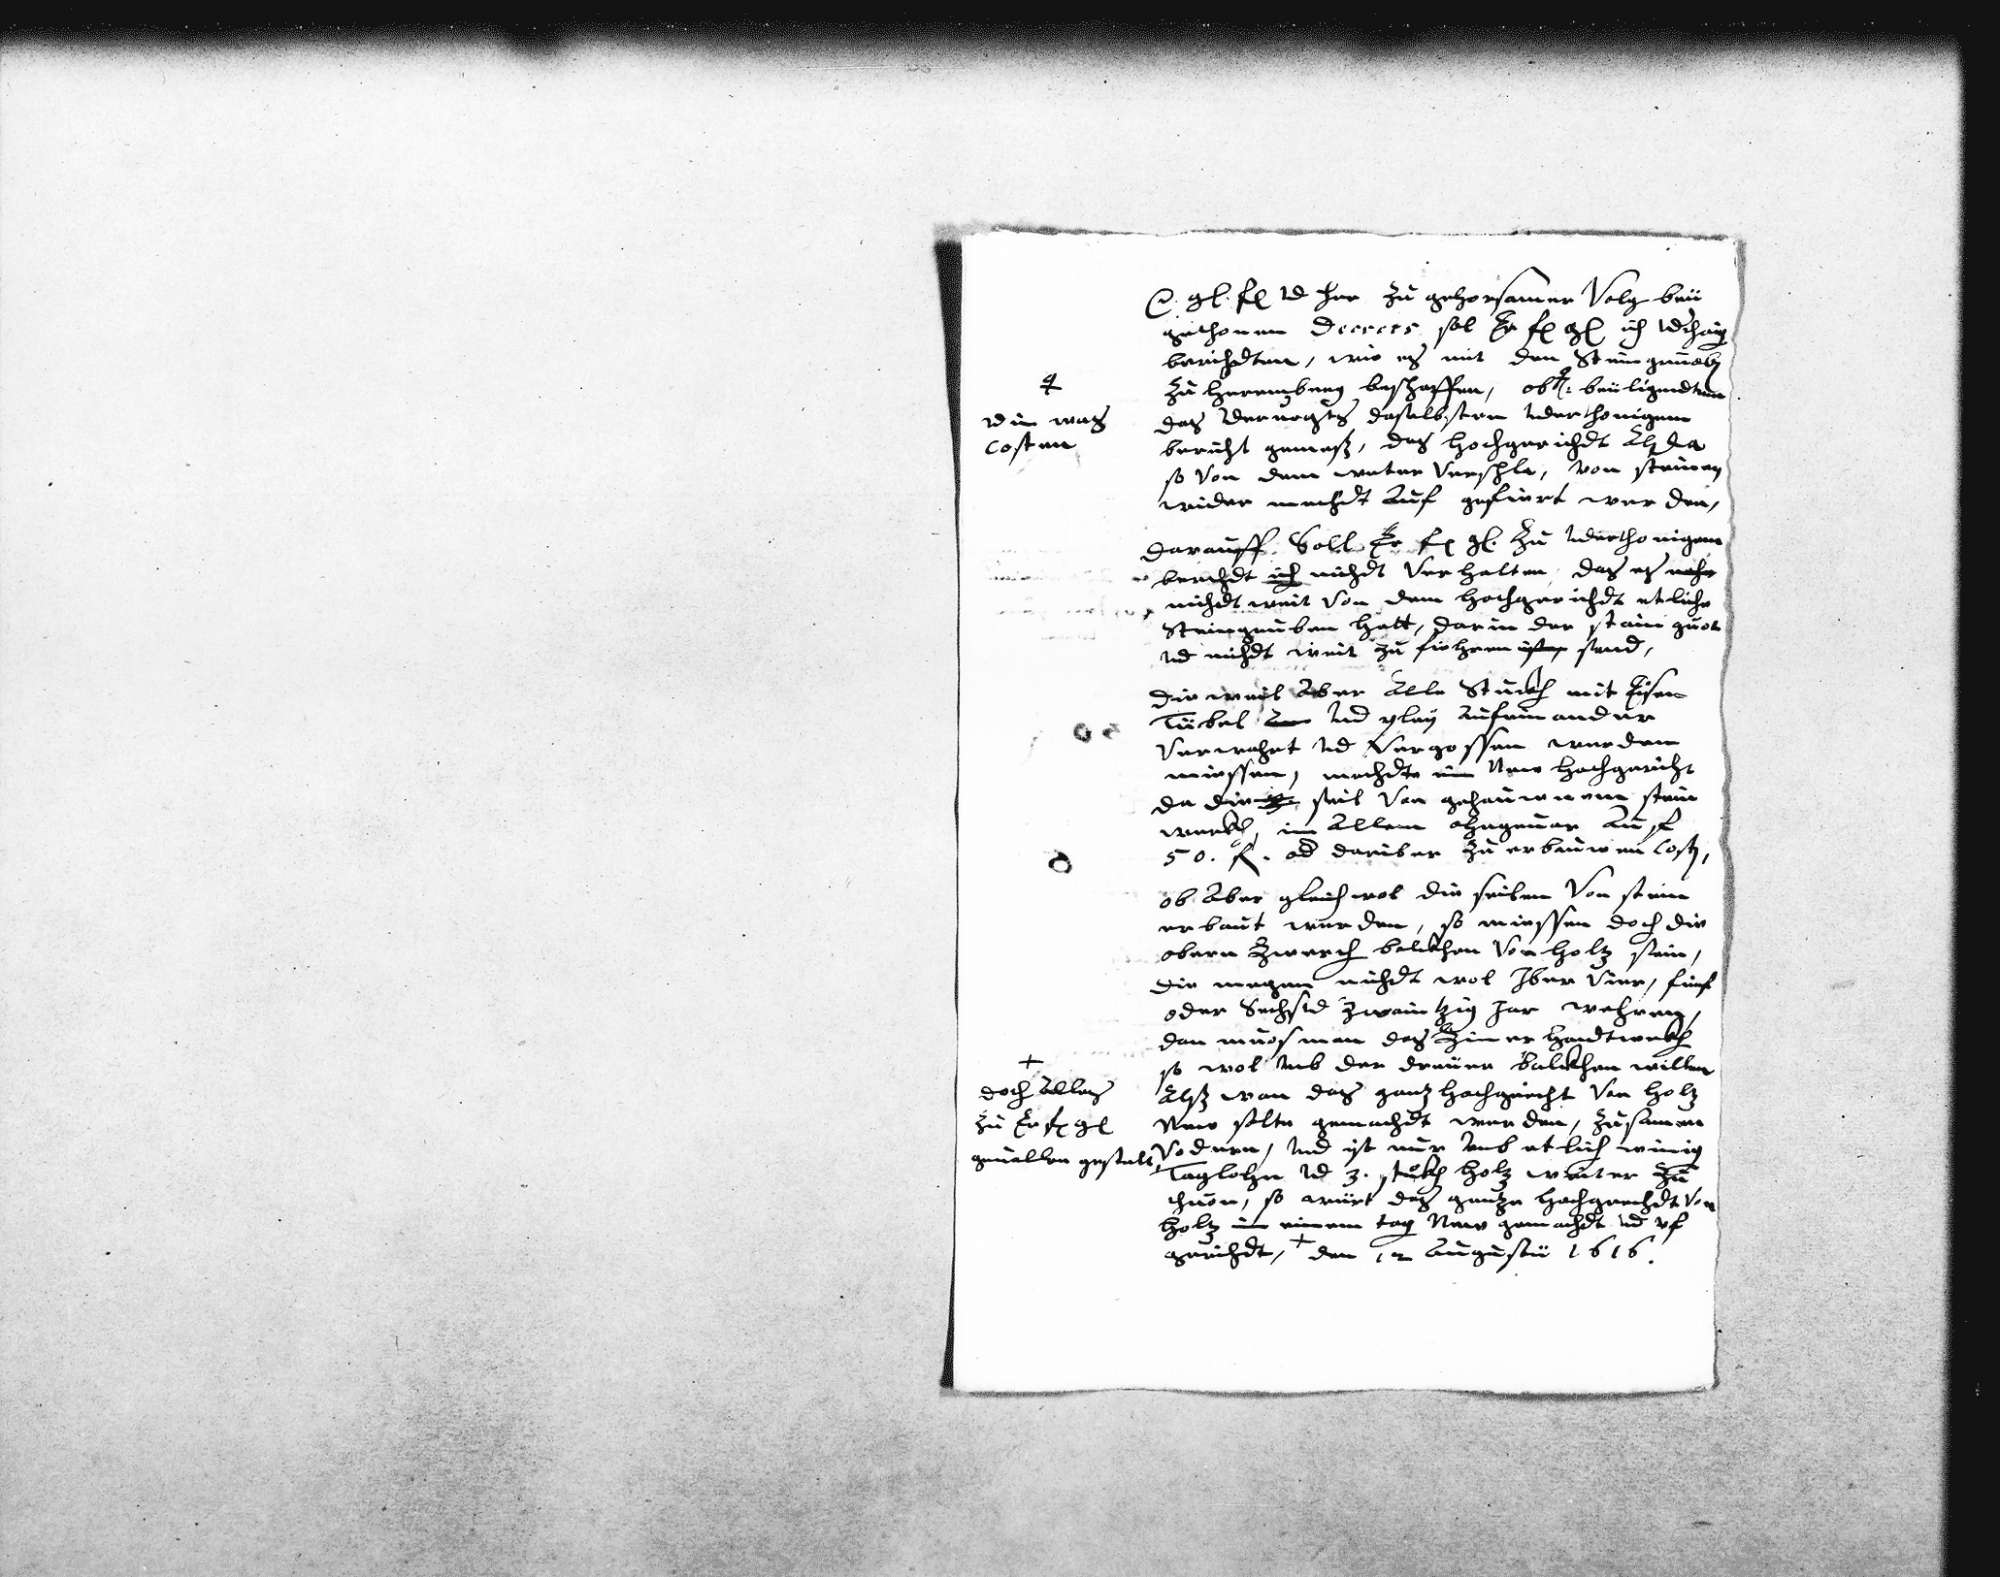 """Entwurf eines Berichts an den Herzog über den Wiederaufbau einer Richtstatt (""""Hochgericht"""") und die umliegenden Steinbrüche (Folio), Bild 1"""